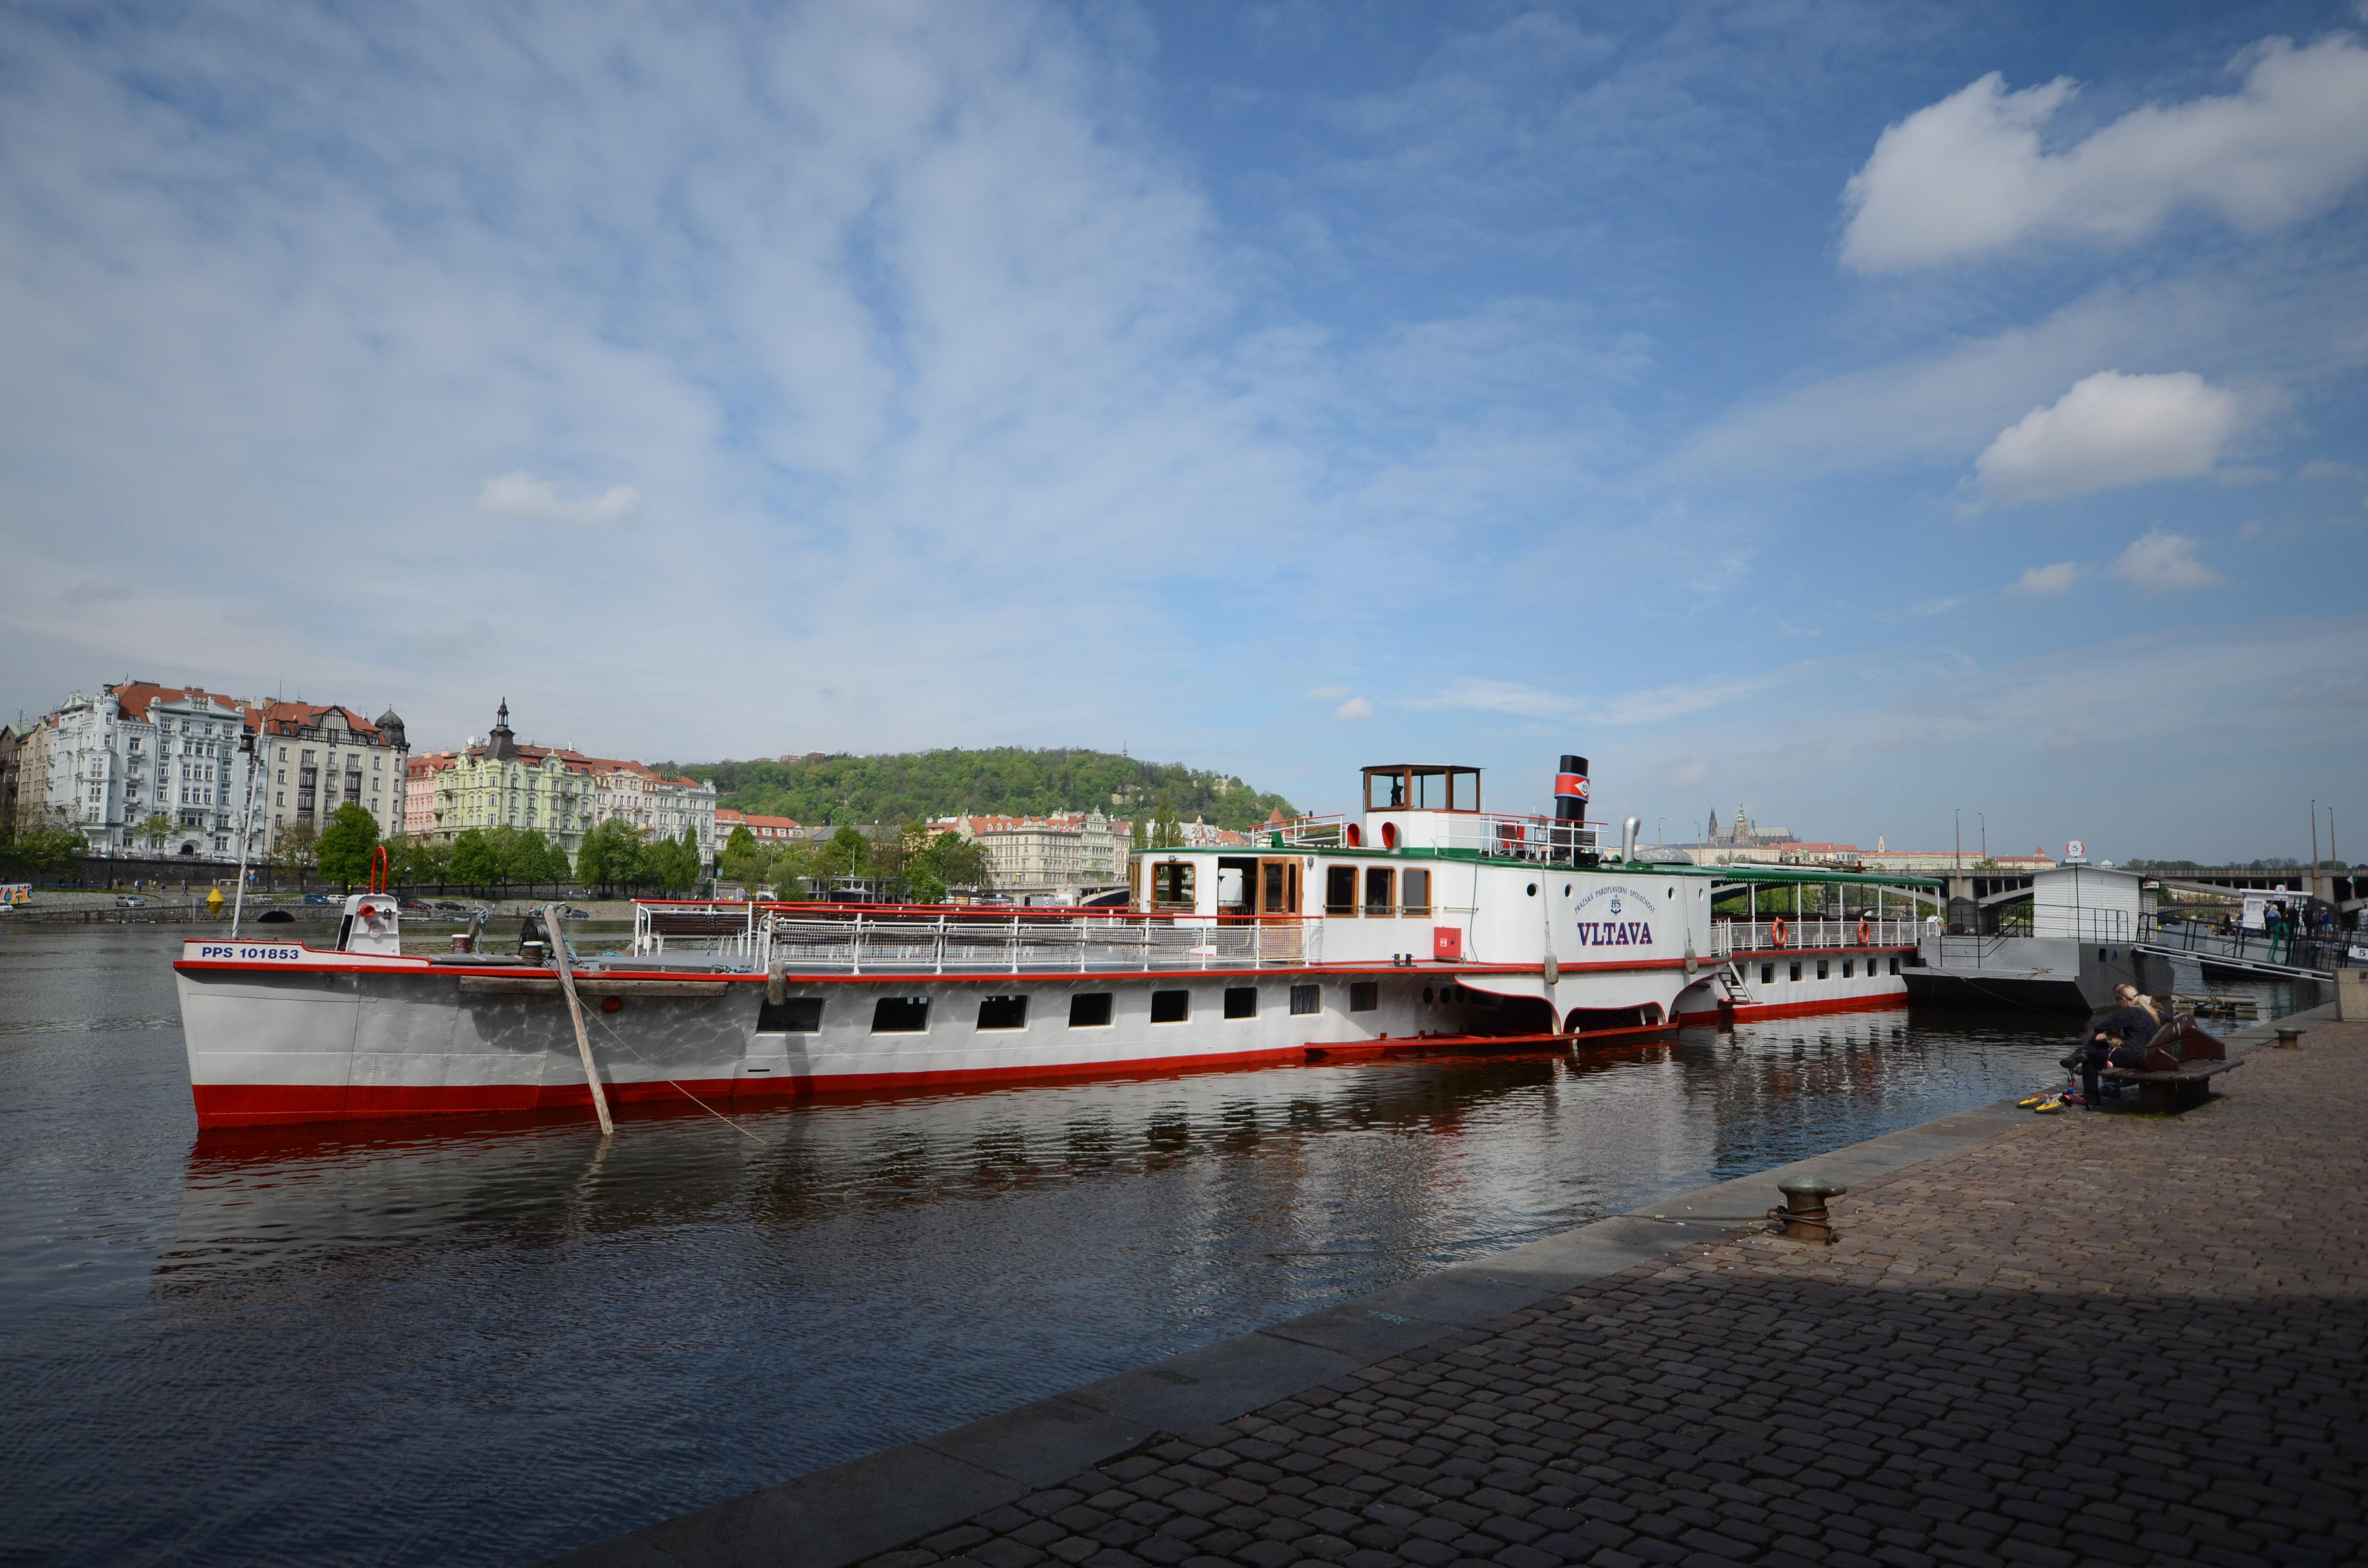 Steamboat Vltava